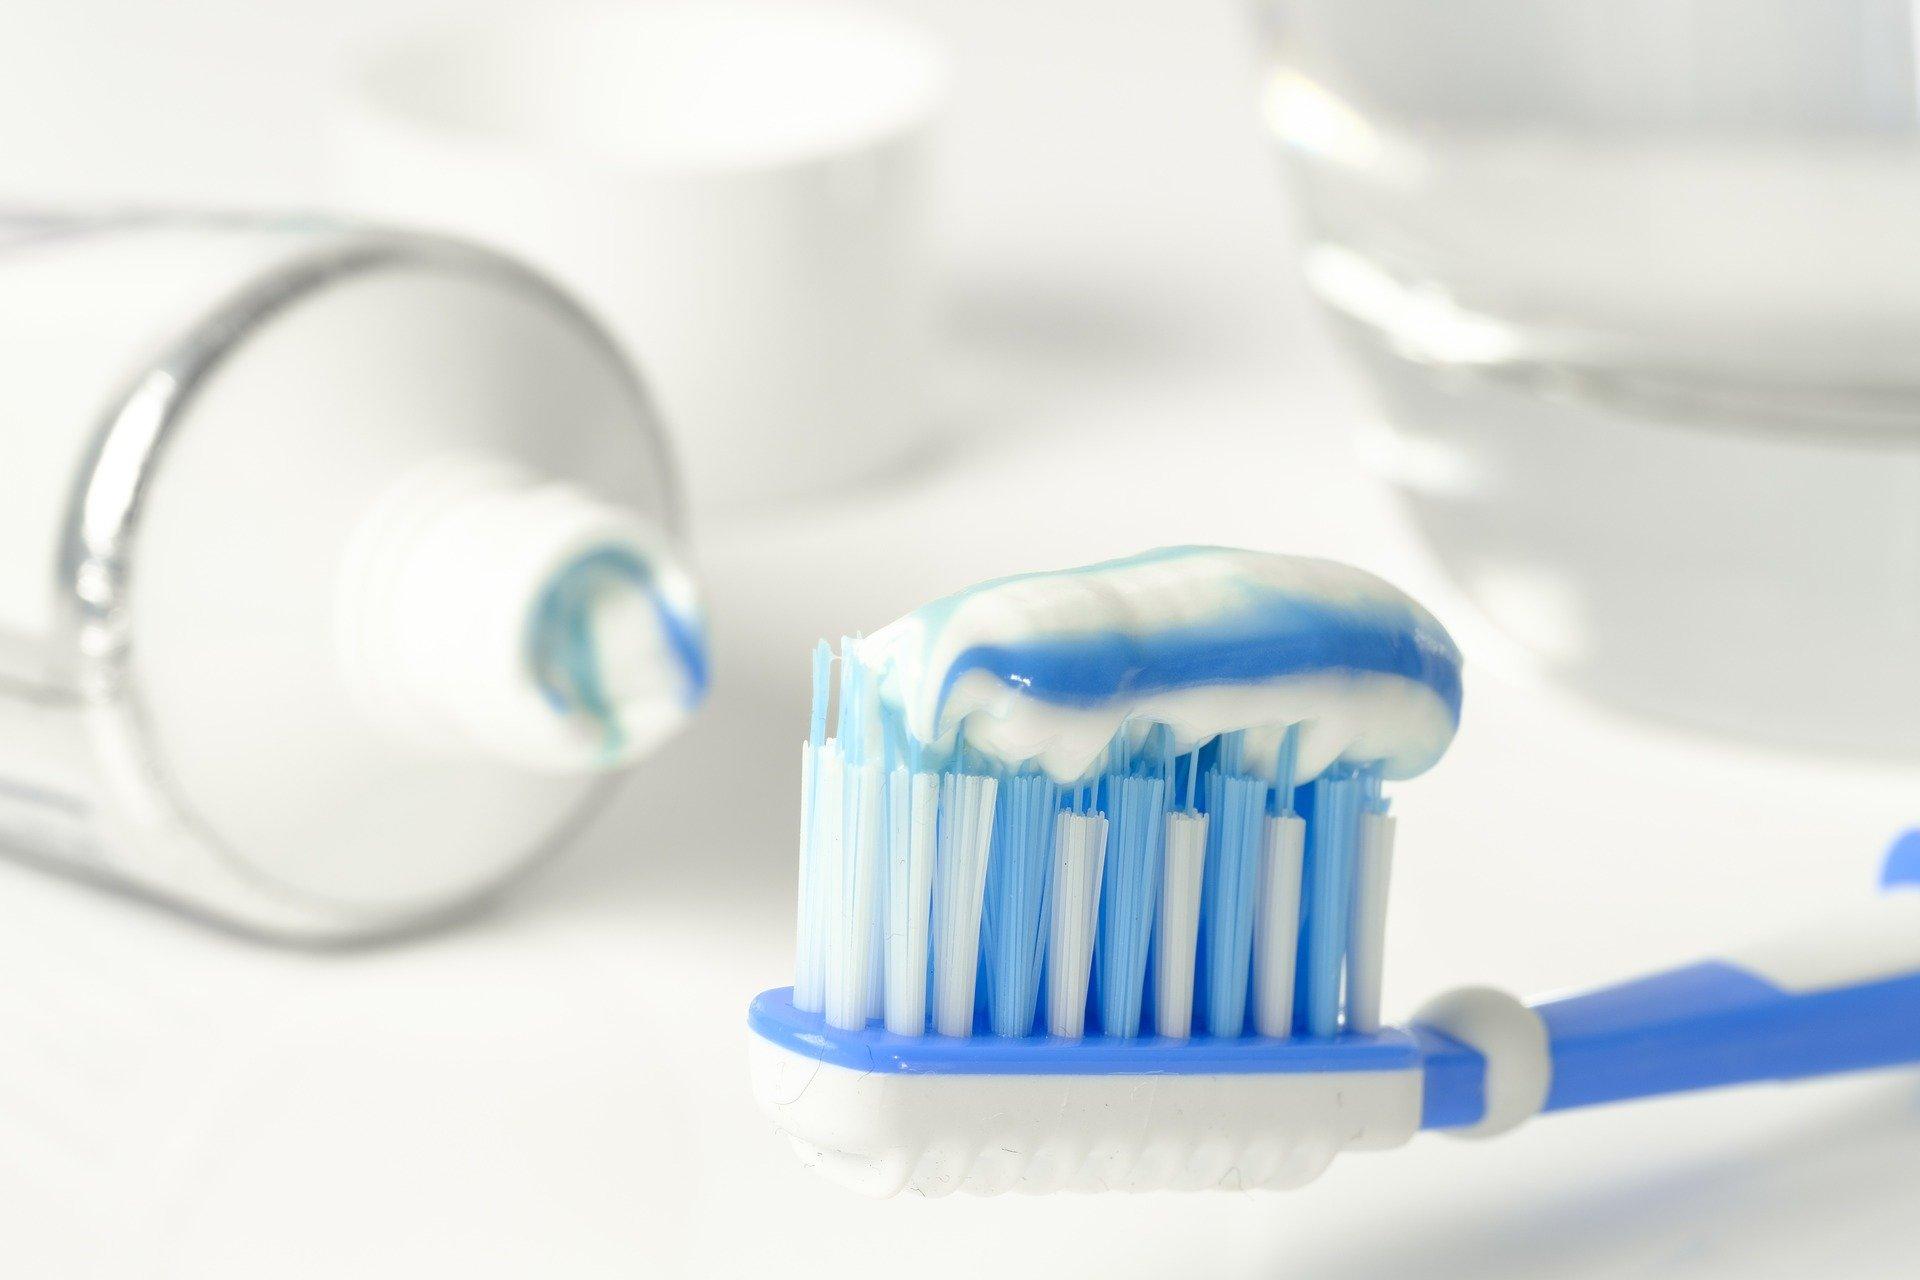 Le pénis au dentifrice pour une érection plus longue ? La nouvelle tendance dangereuse qui circule sur la toile !